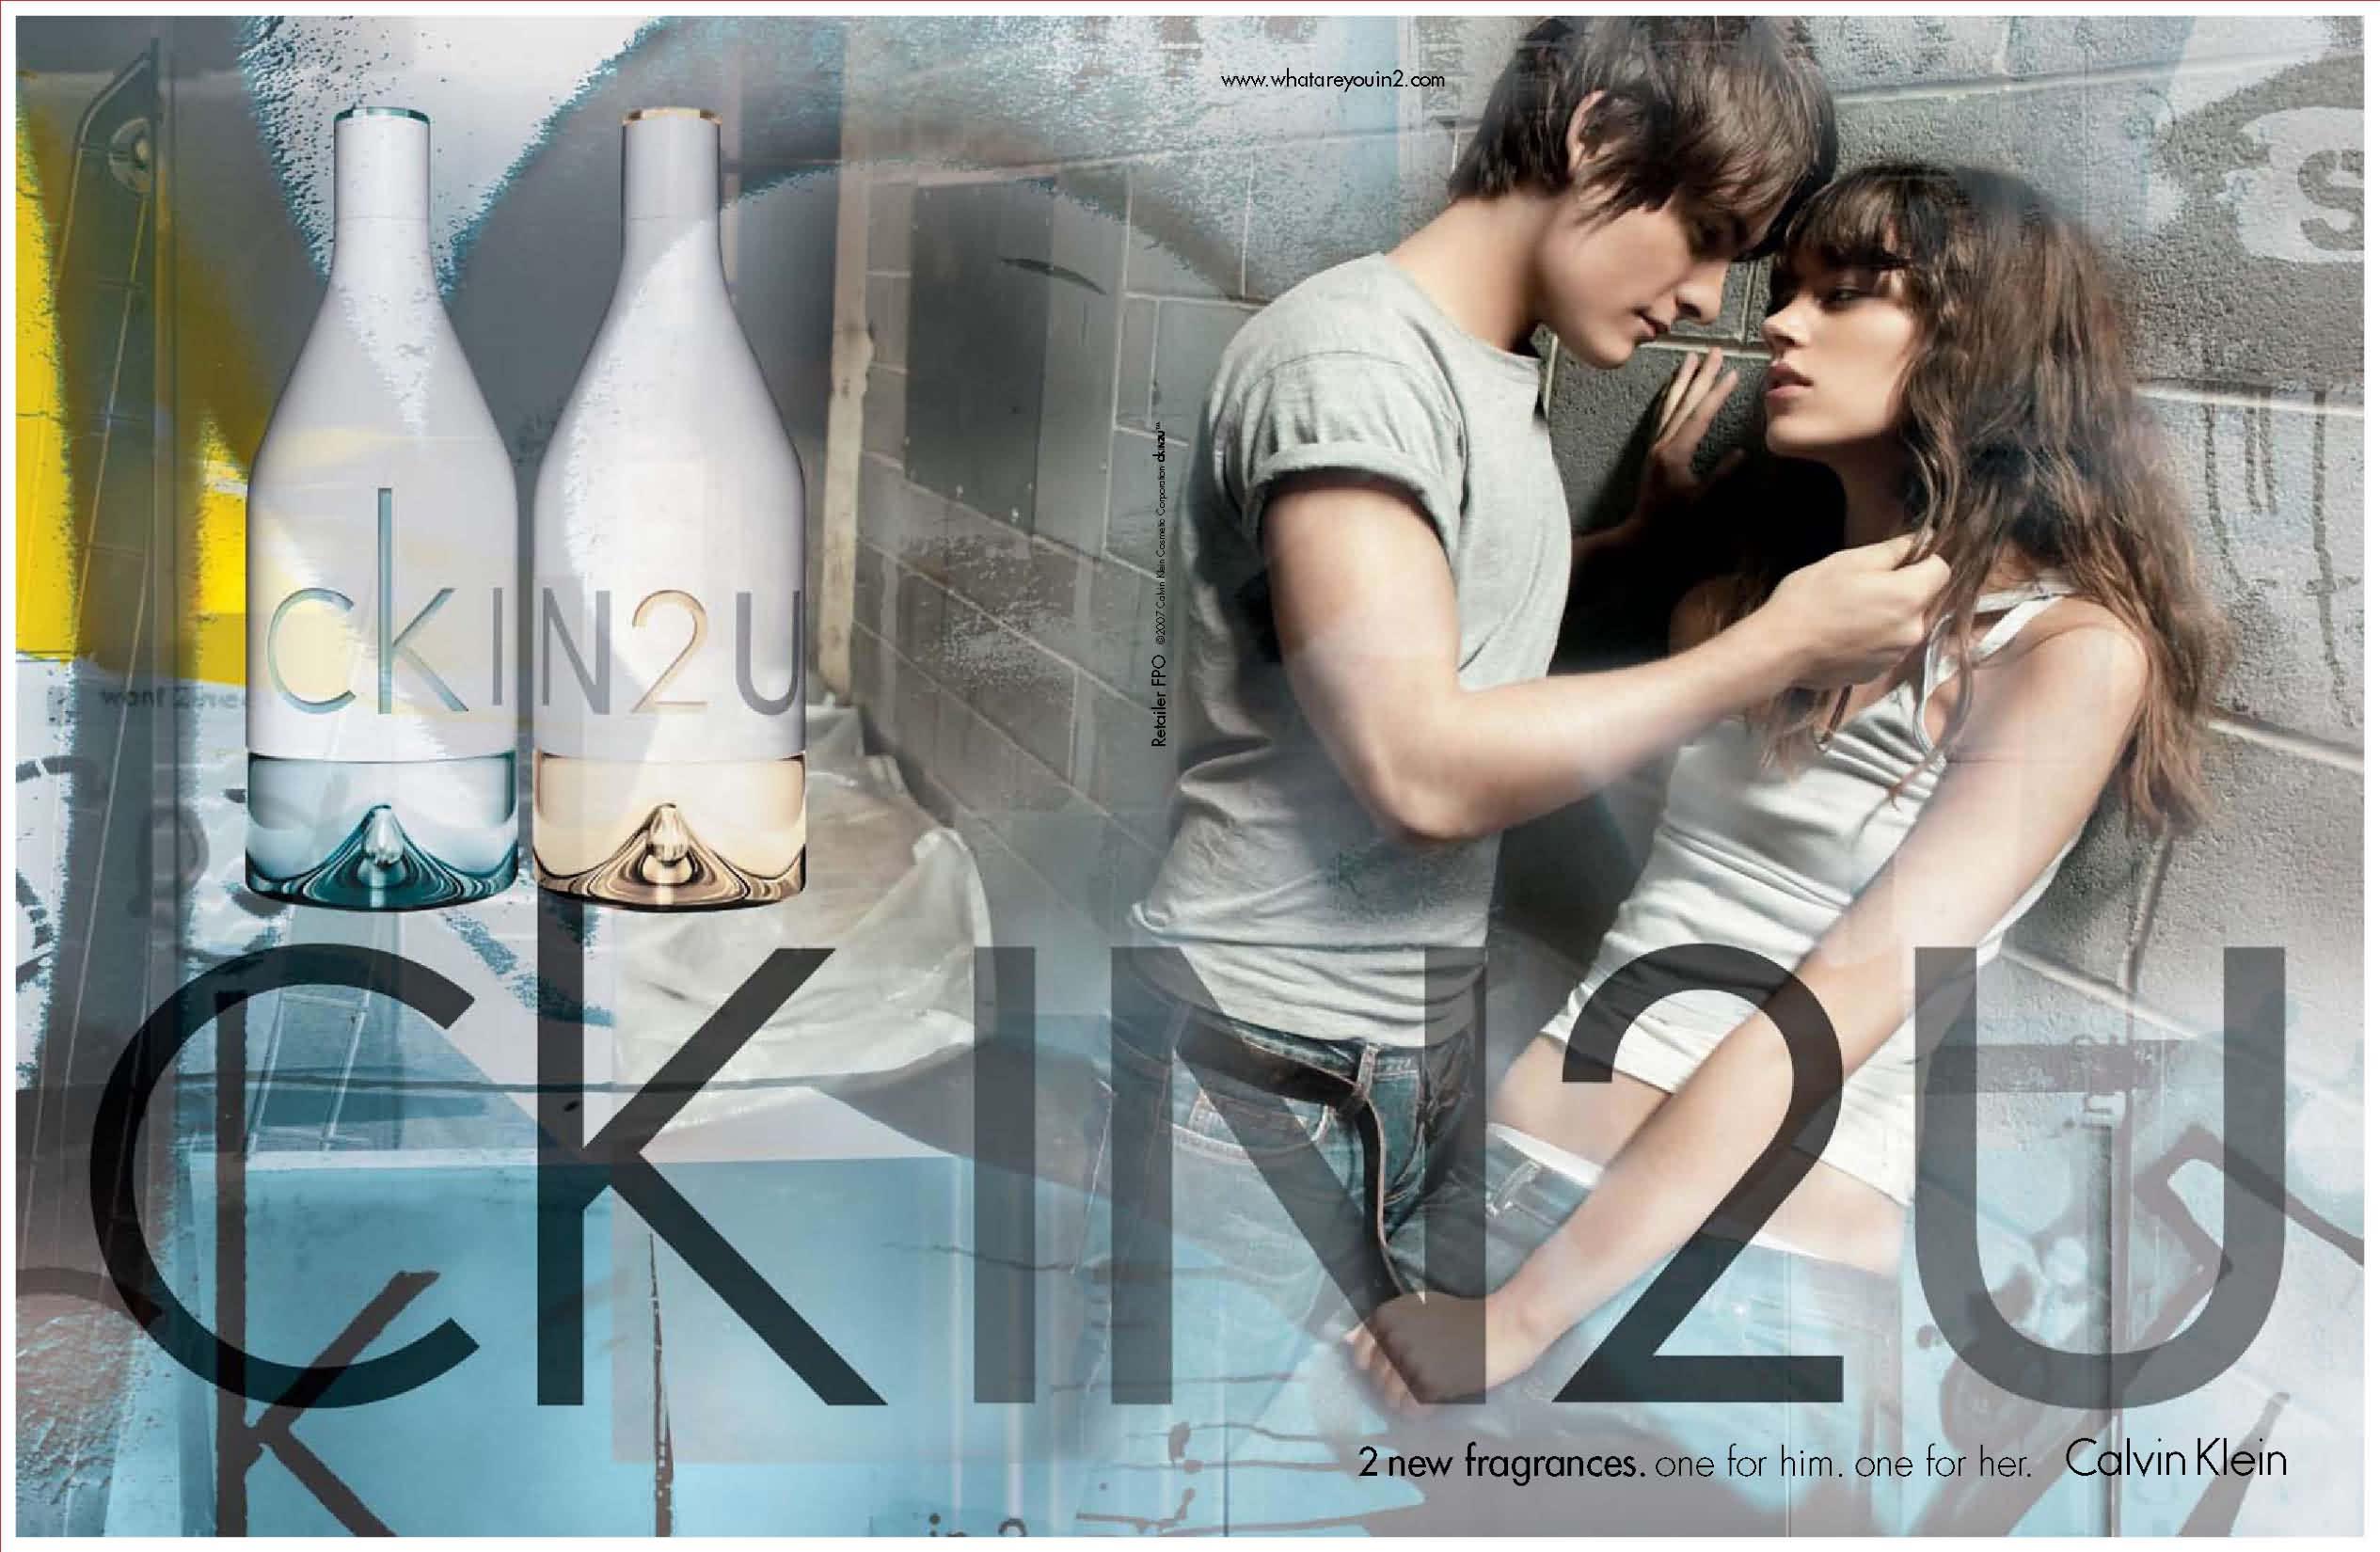 CK-IN2U-Him-1-11